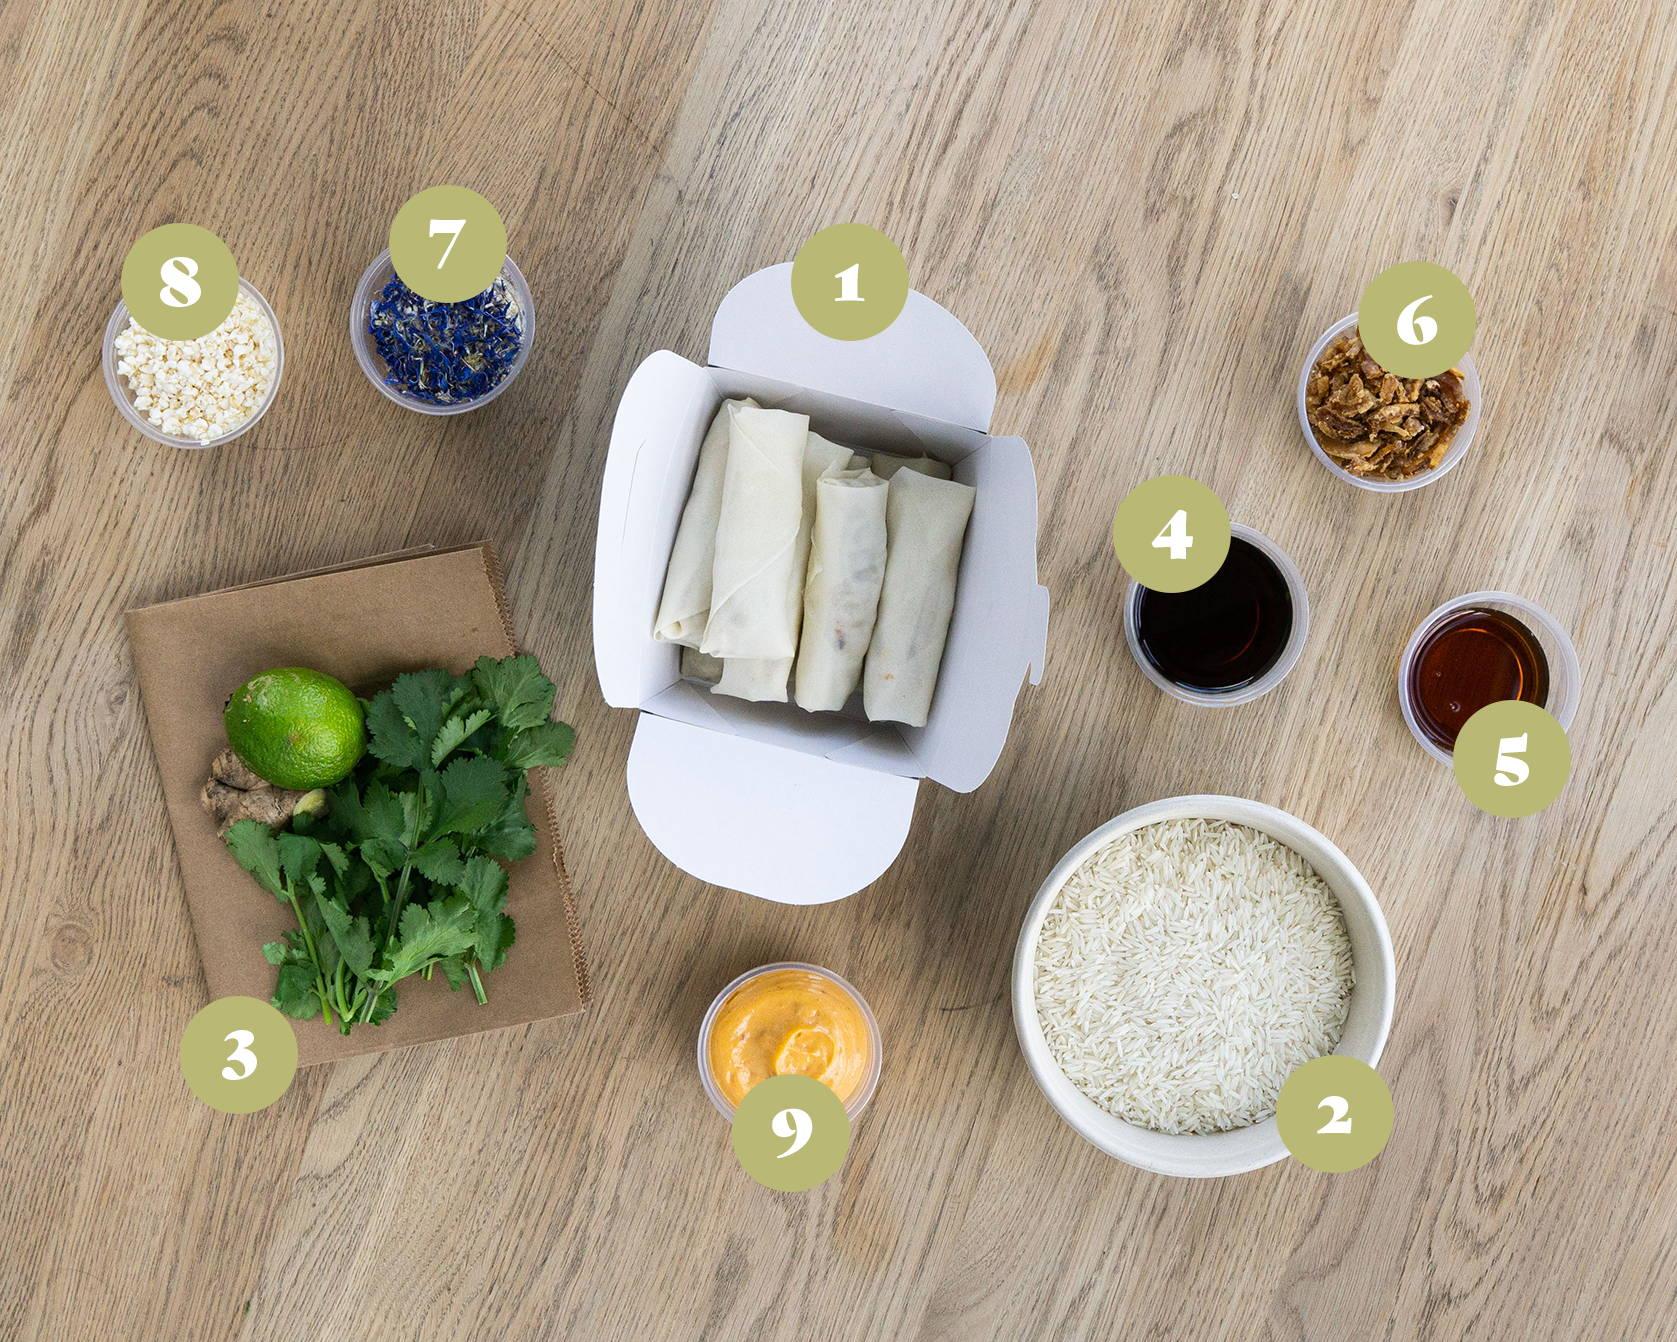 Opskrift og vejledning til Sprøde forårsruller med braiseret okse.  Serveret med ris, løg, tørrede blomster, sesam og ponzu